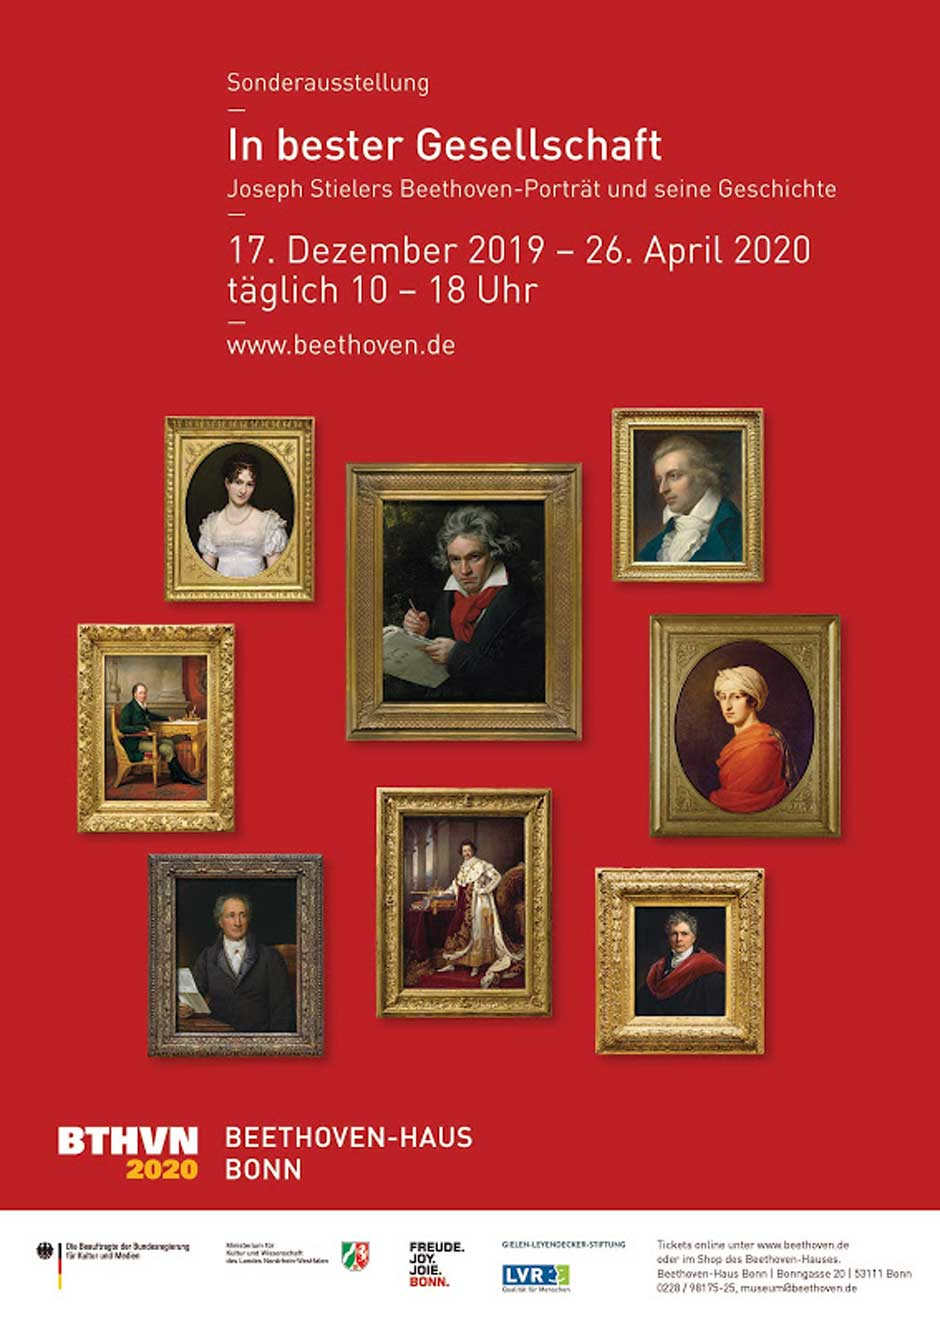 Hasta el próximo 26 de abril, la Casa de Beethoven en Bonn acoge una exposición con el famoso retrato de Joseph Stieler como protagonista | Tu Gran Viaje